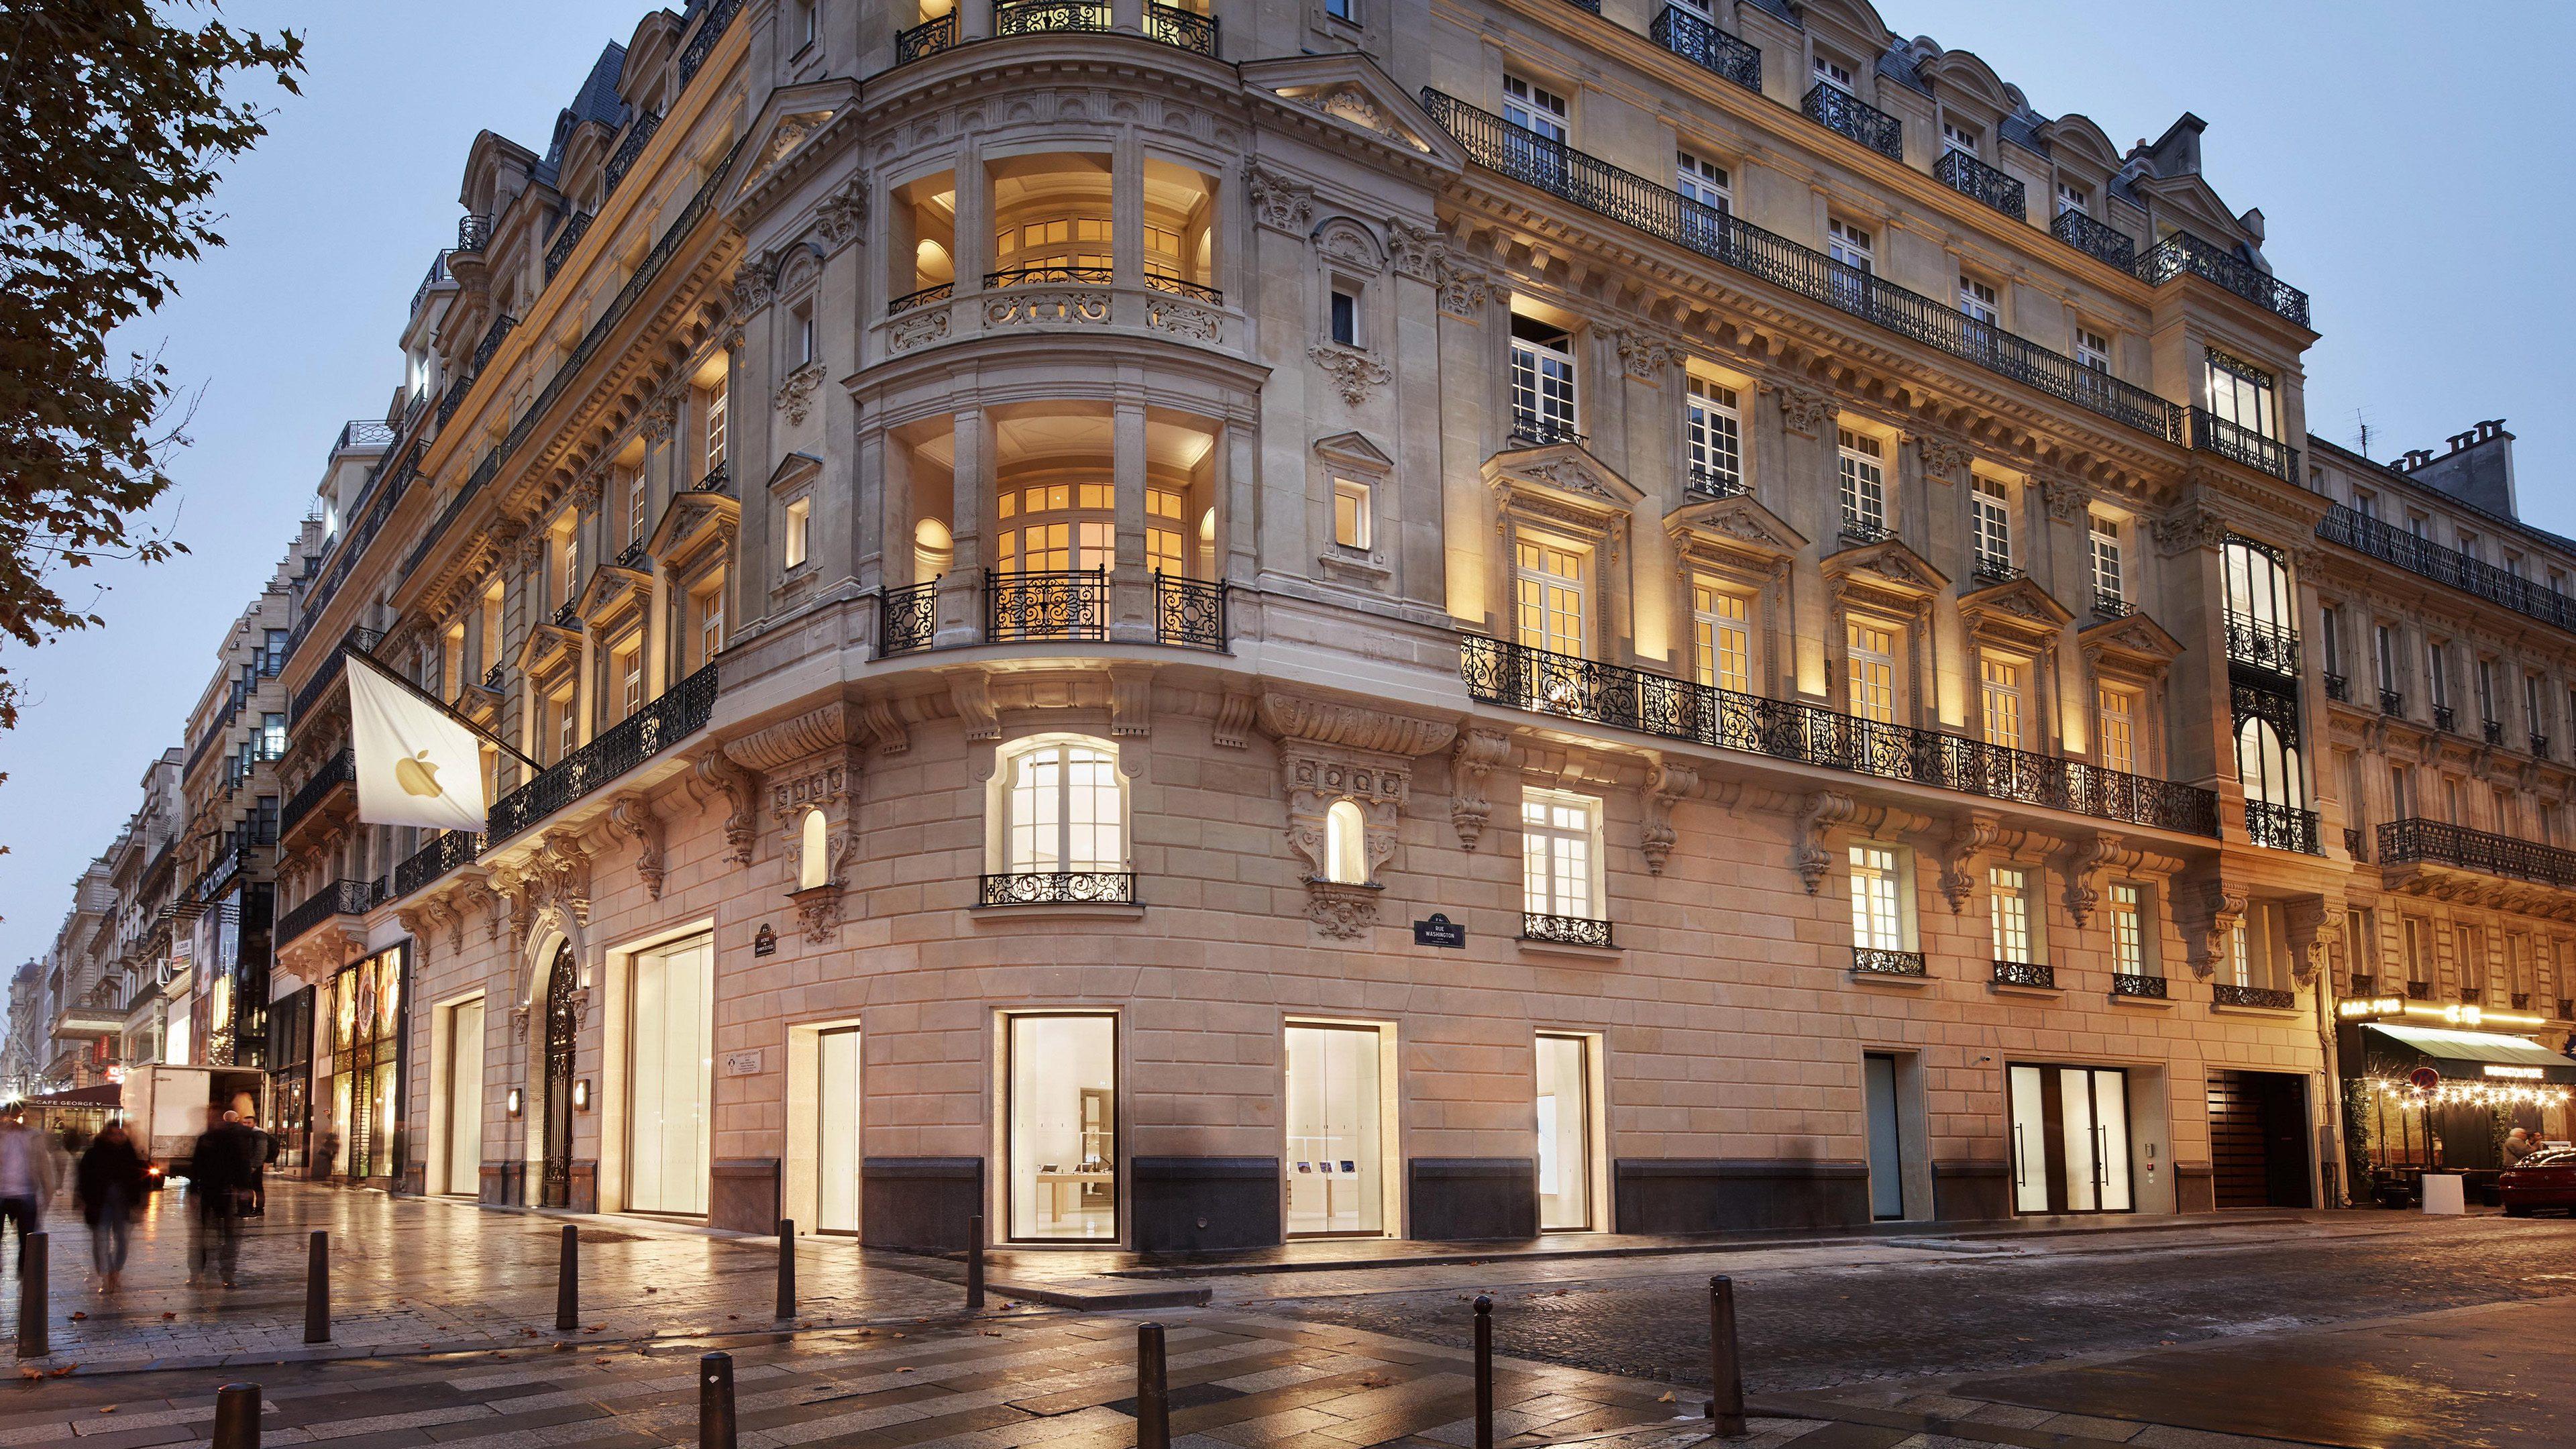 苹果翻新法国历史建筑作为旗舰店,本周日即将开幕